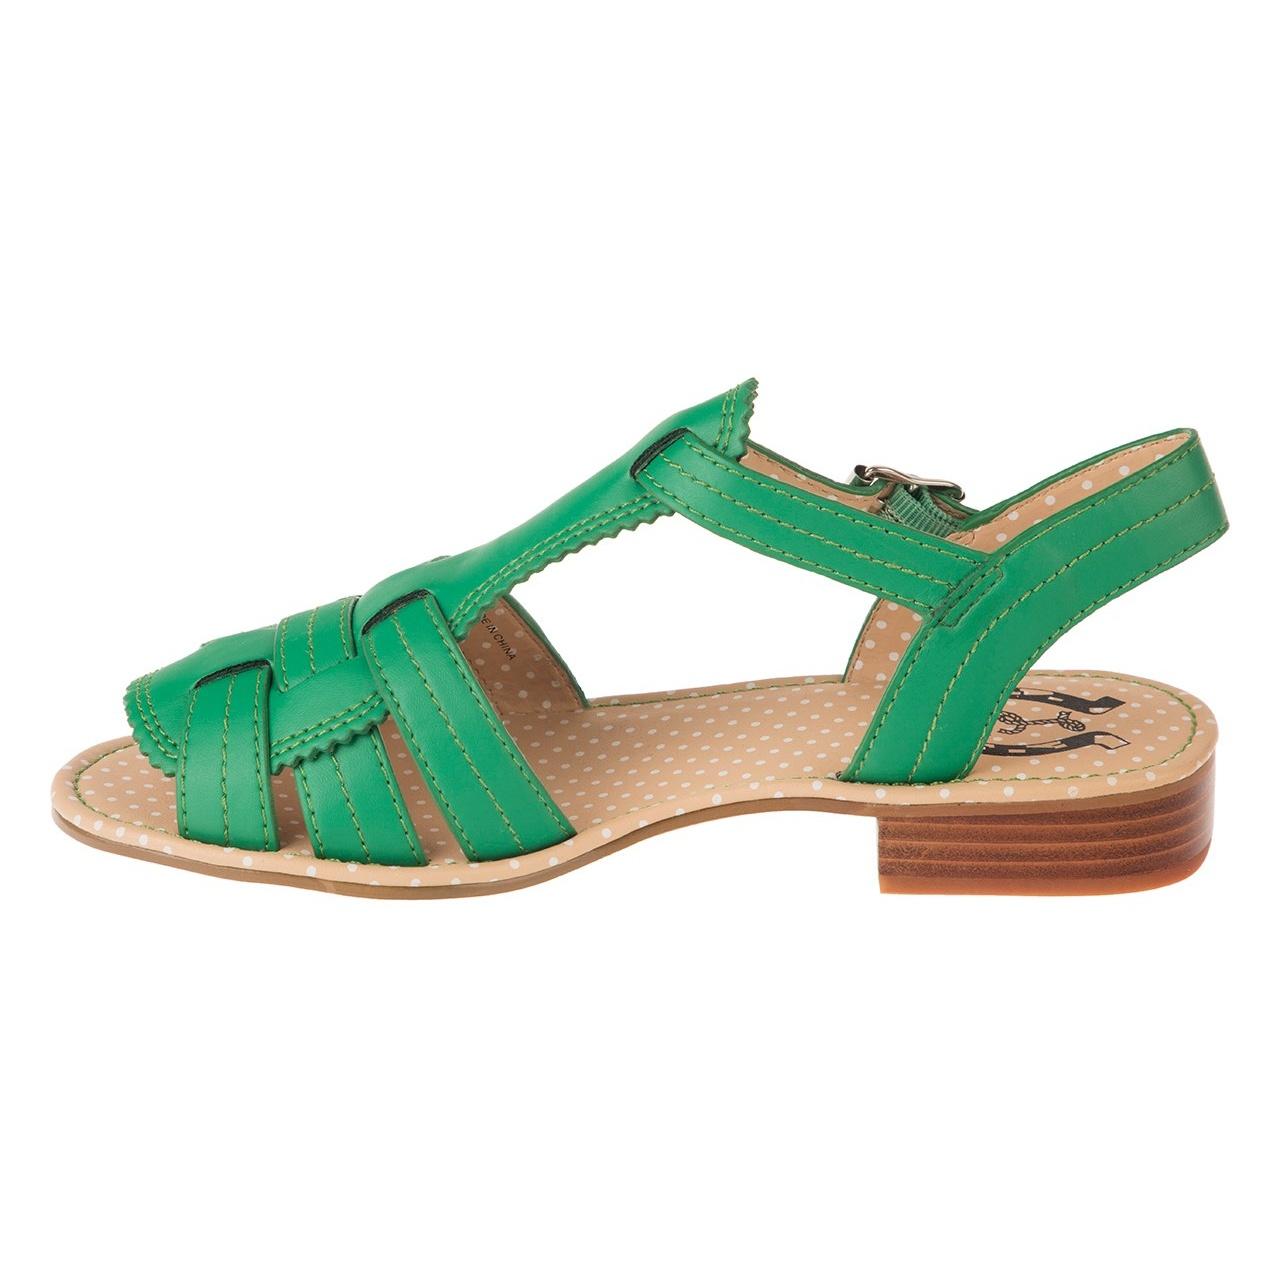 کفش زنانه  میس ال فایر مدل Jeannie 300